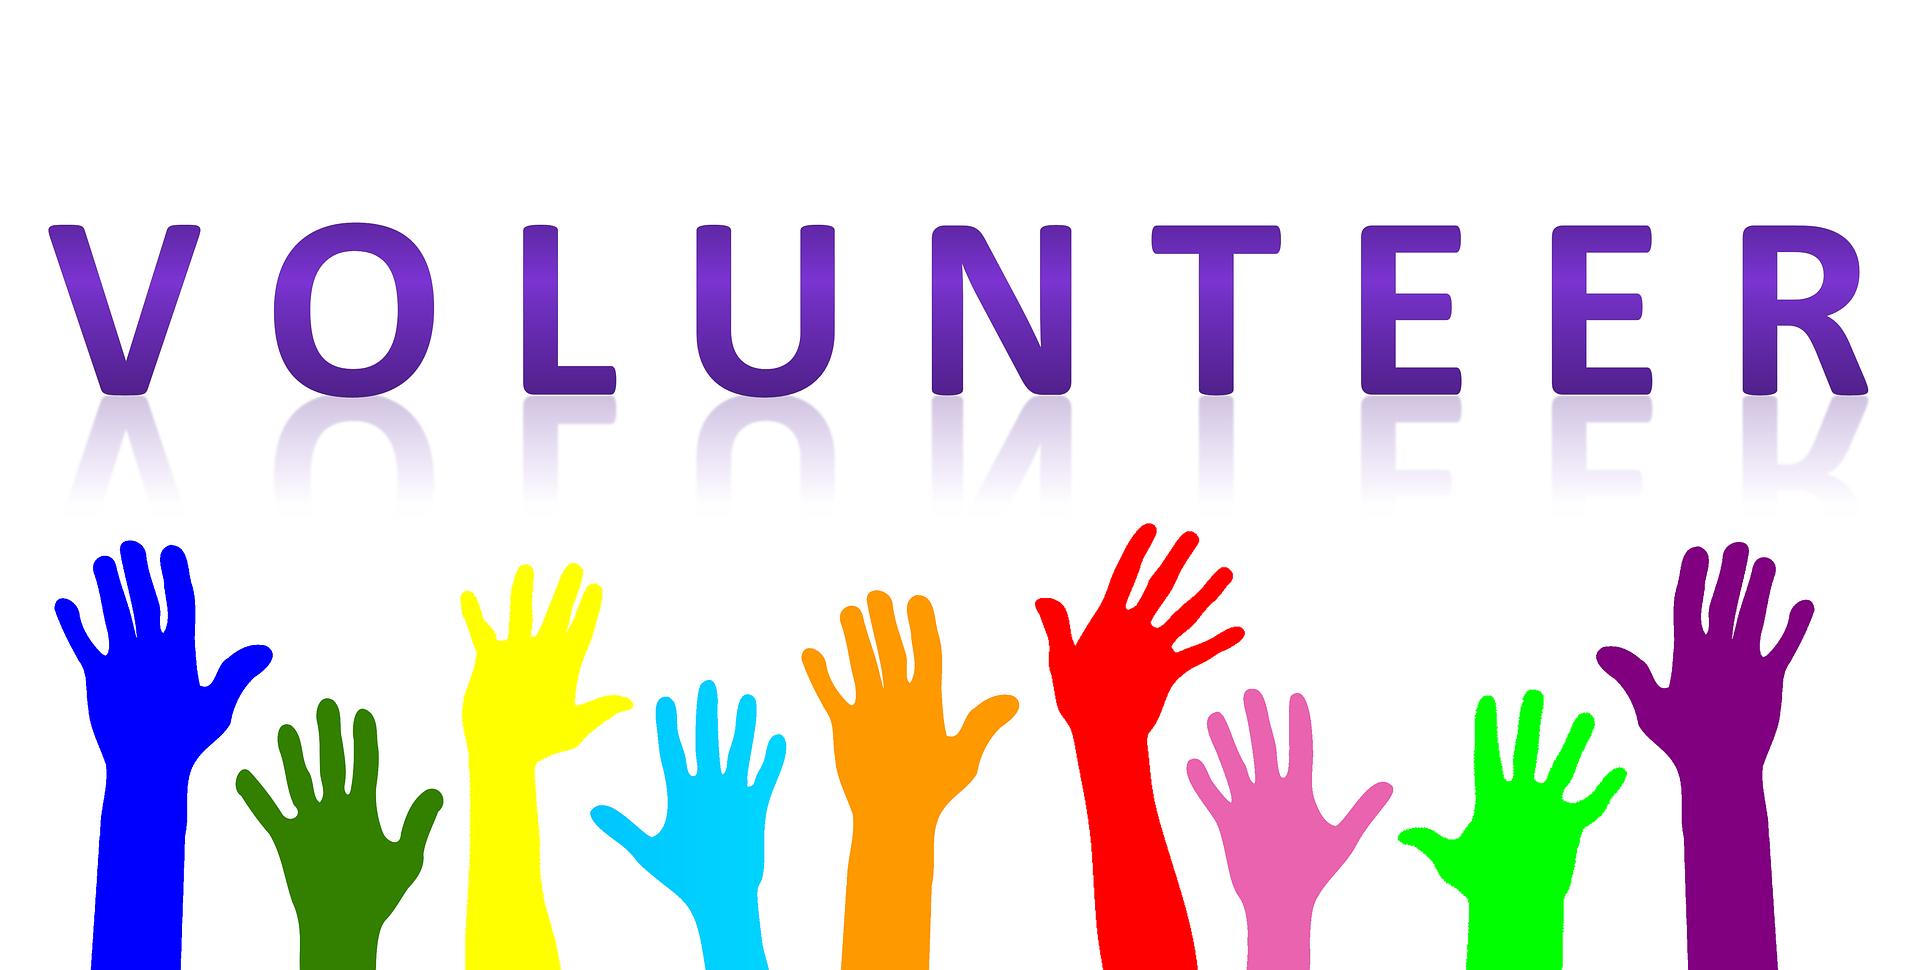 The logo for volunteering hands